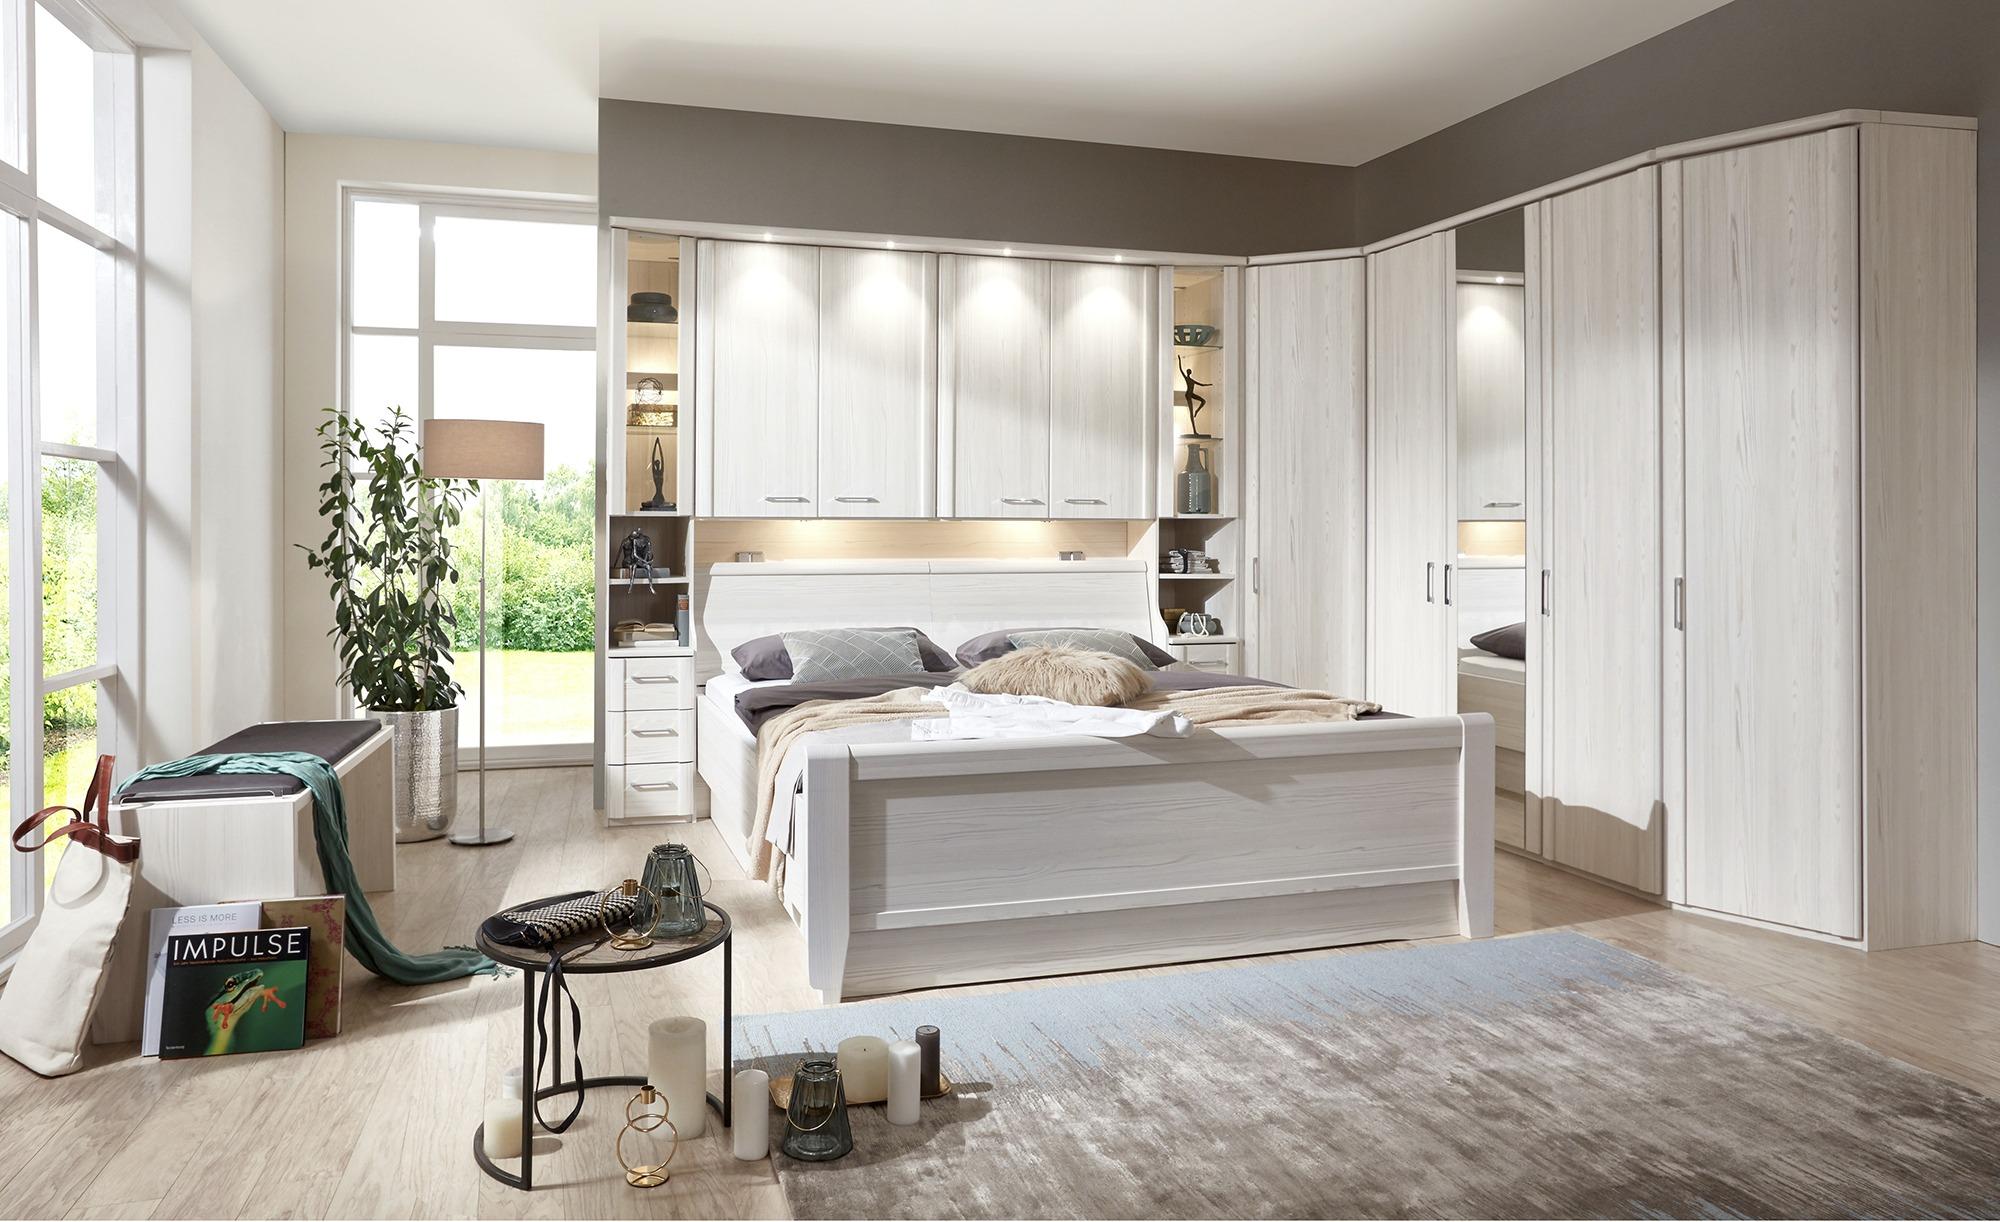 Full Size of Schlafzimmer Mit überbau Komplett Luxor 4 Mbel Hffner Landhausstil Betten Bettkasten Günstige Küche Günstig Elektrogeräten Klimagerät Für Sofa Schlafzimmer Schlafzimmer Mit überbau